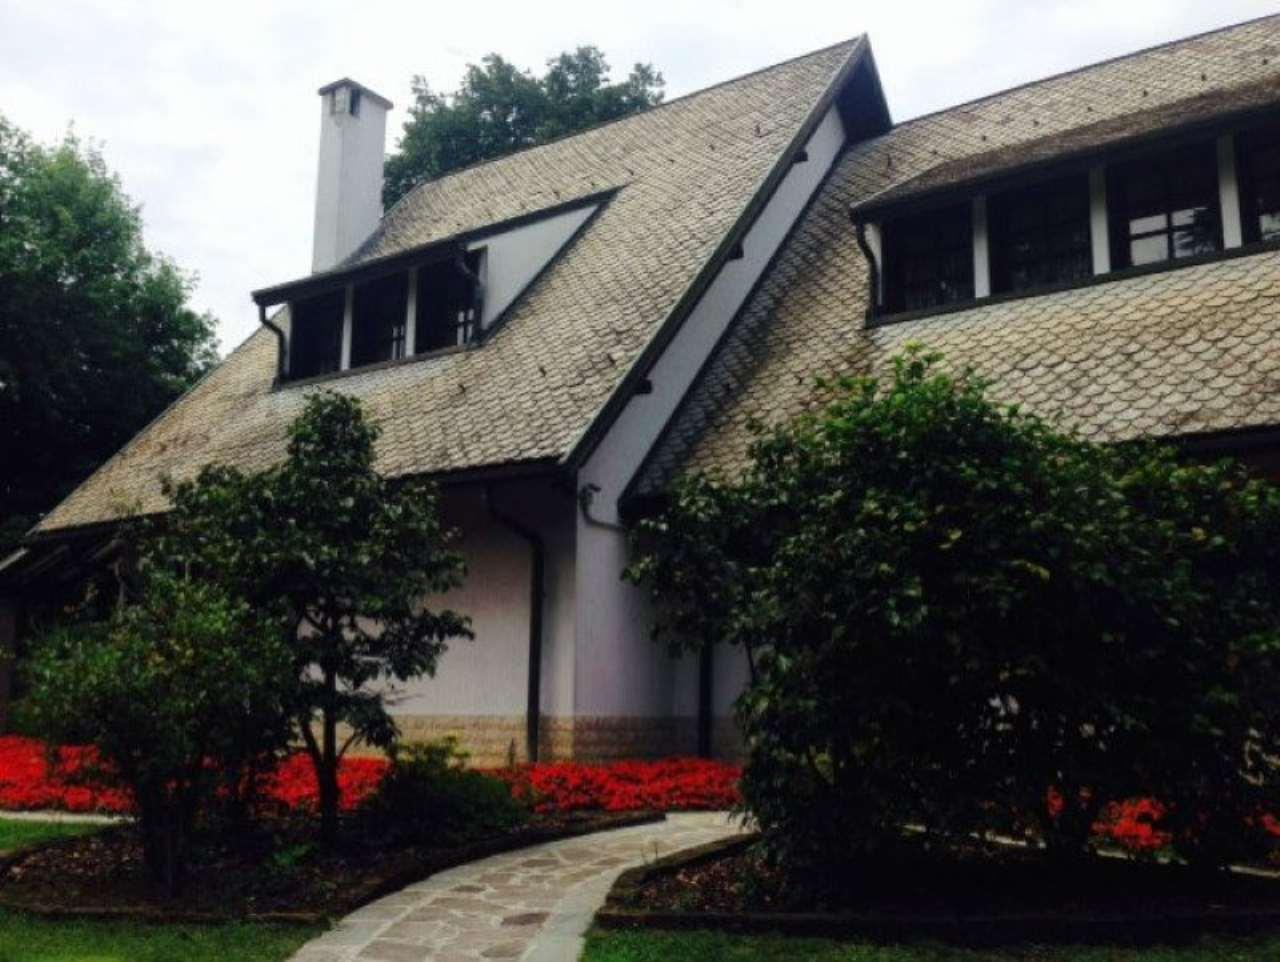 Villa in vendita a Dresano, 10 locali, Trattative riservate | CambioCasa.it